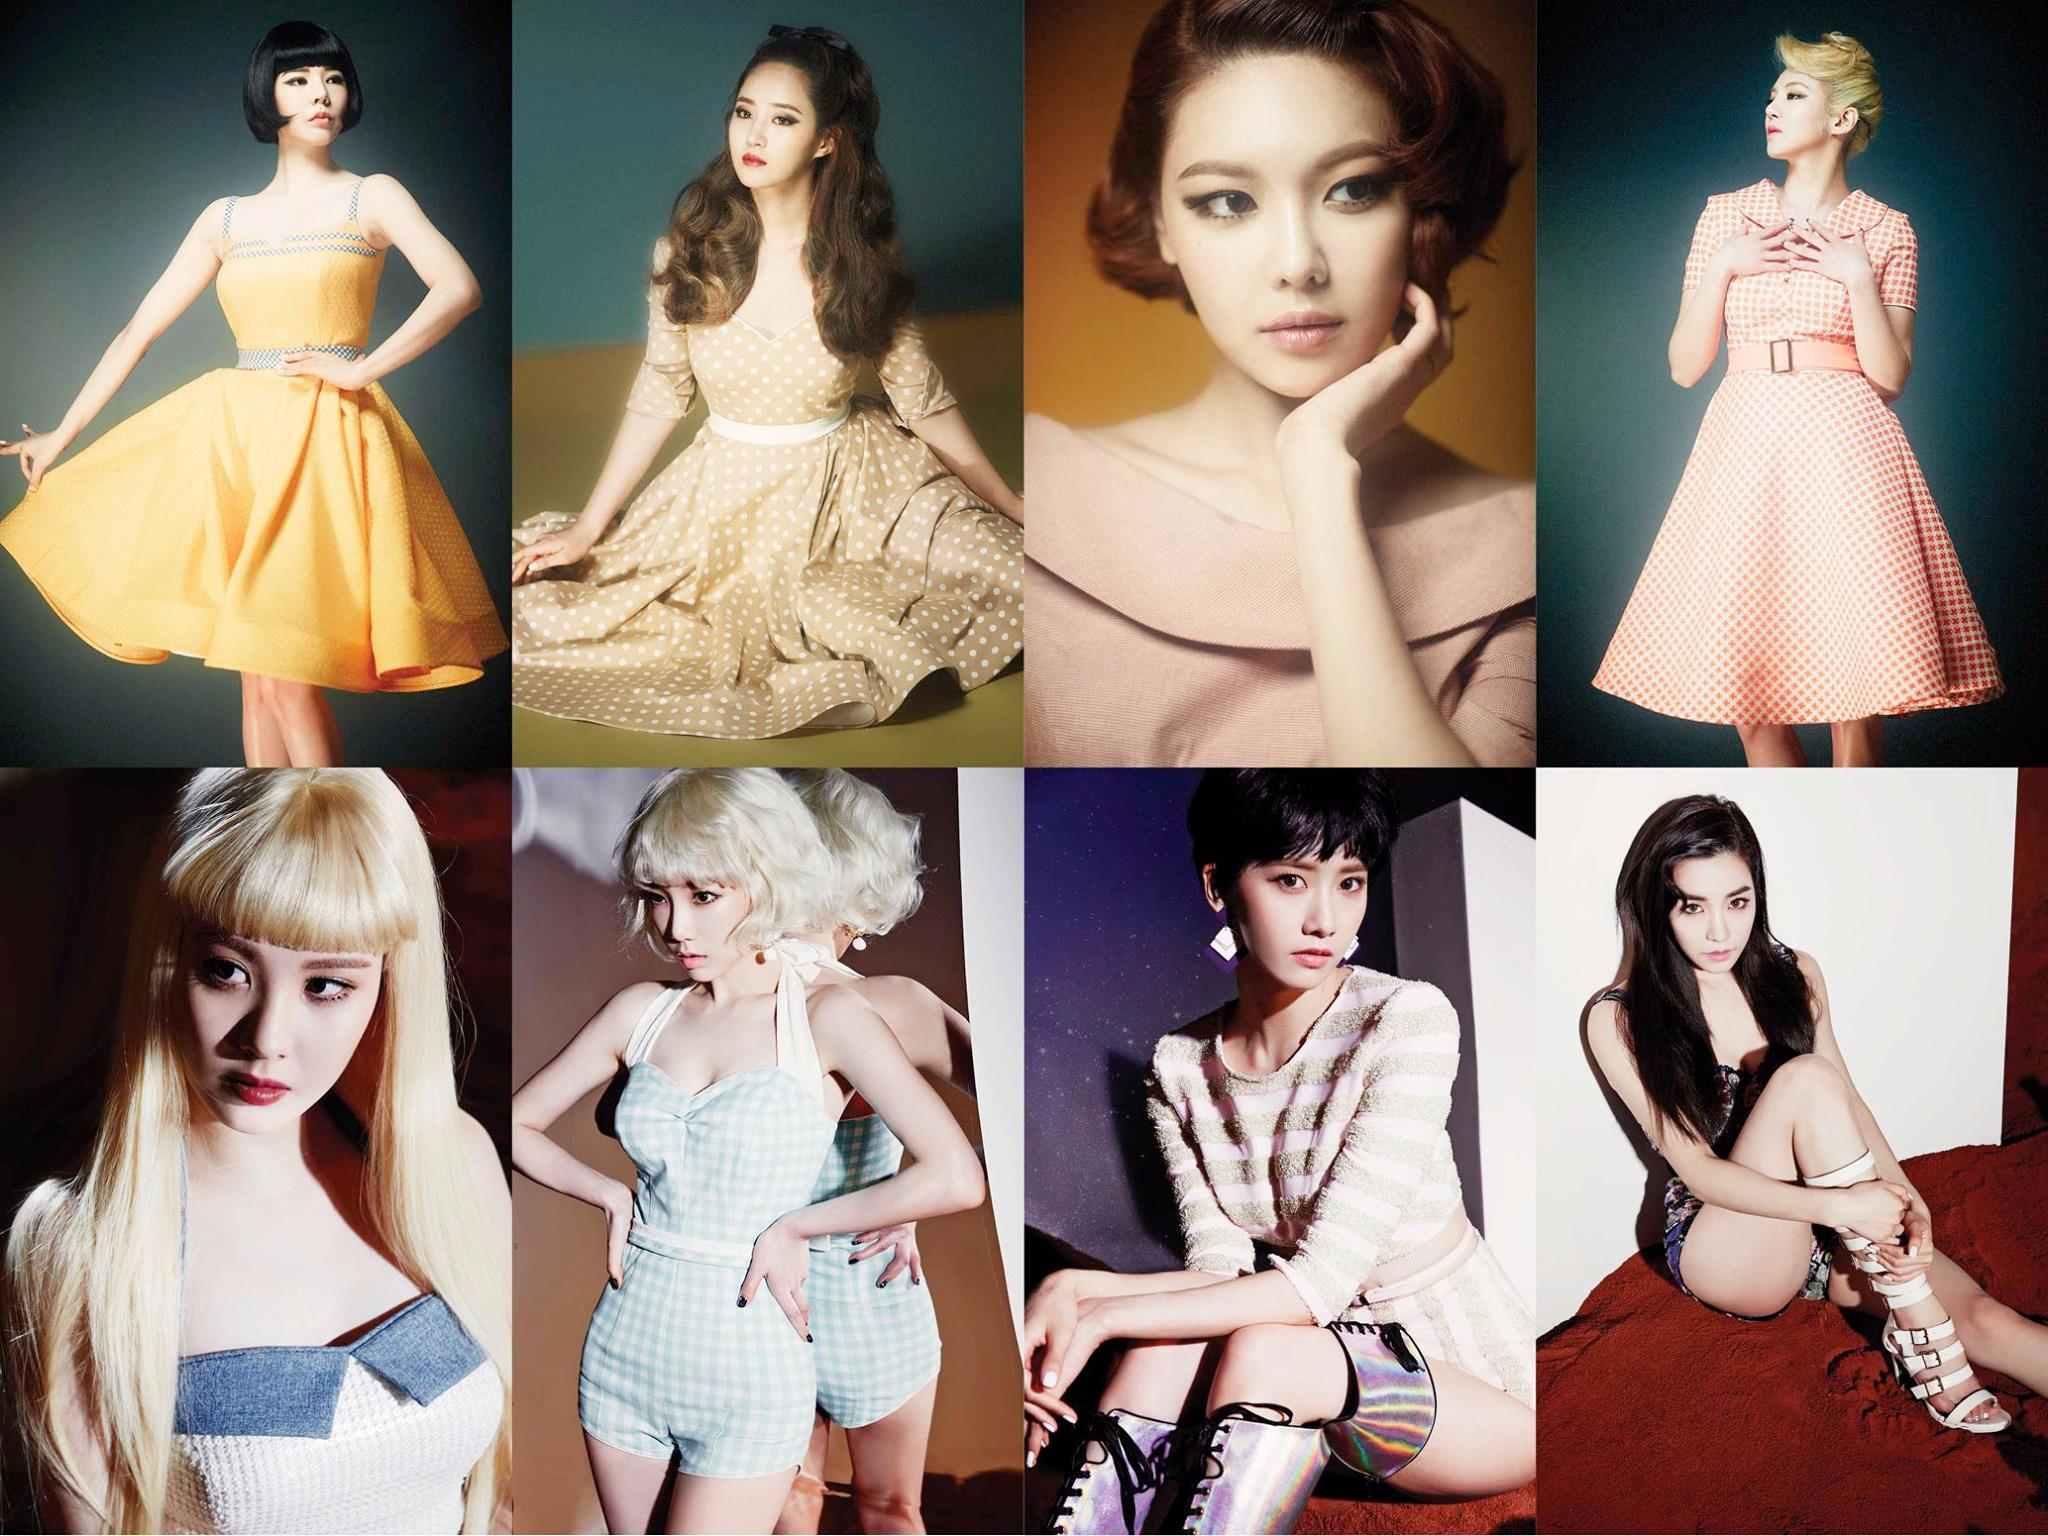 除了在8月發行第六張正規專輯,少女時代也將在8月5日舉行十週年粉絲見面會,跟粉絲一起慶祝這個富有意義的一天!